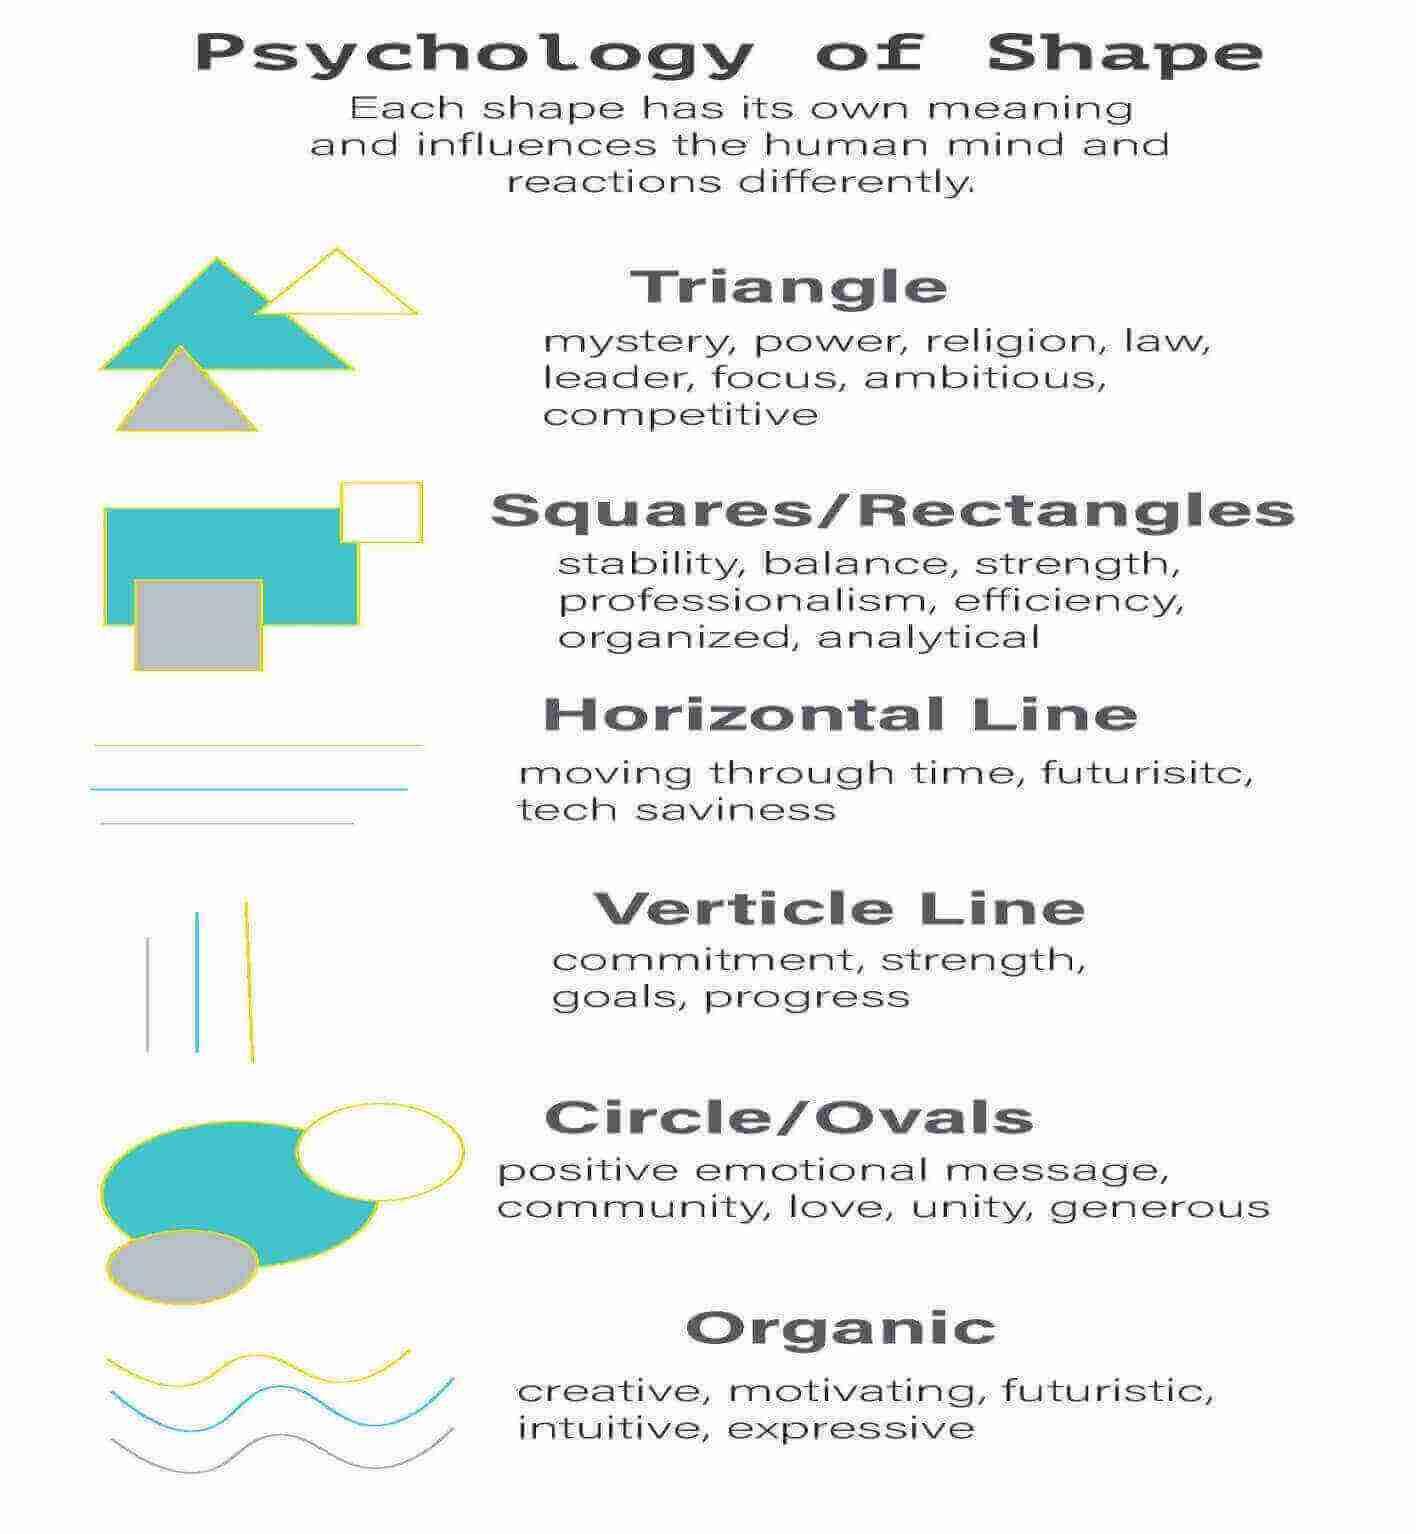 الدلالات النفسية للأشكال الهندسية